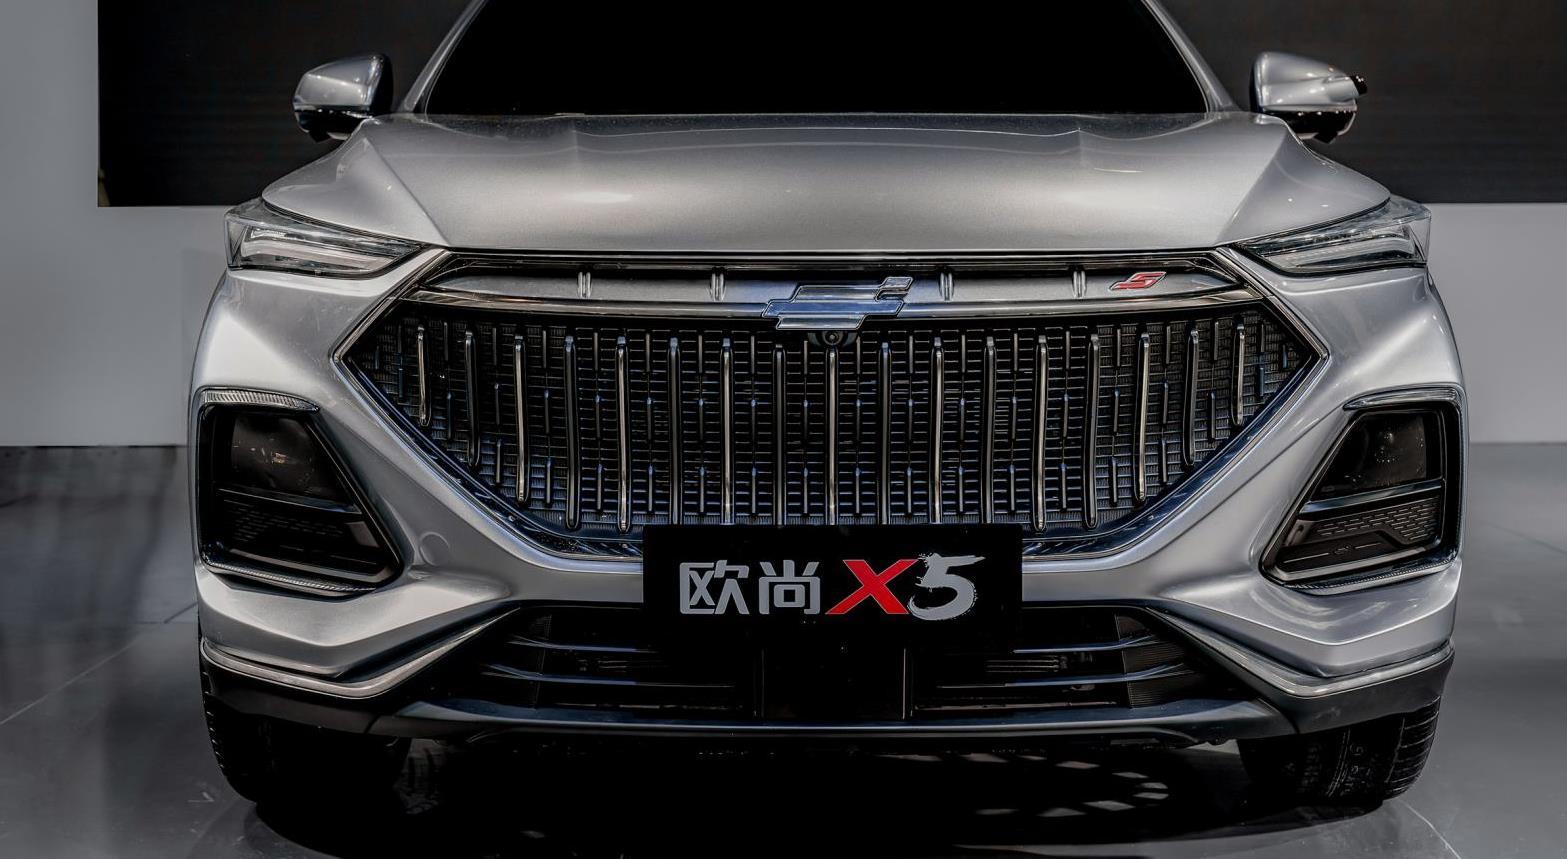 2020成都车展   全新造型令人印象深刻 长安欧尚X5亮相